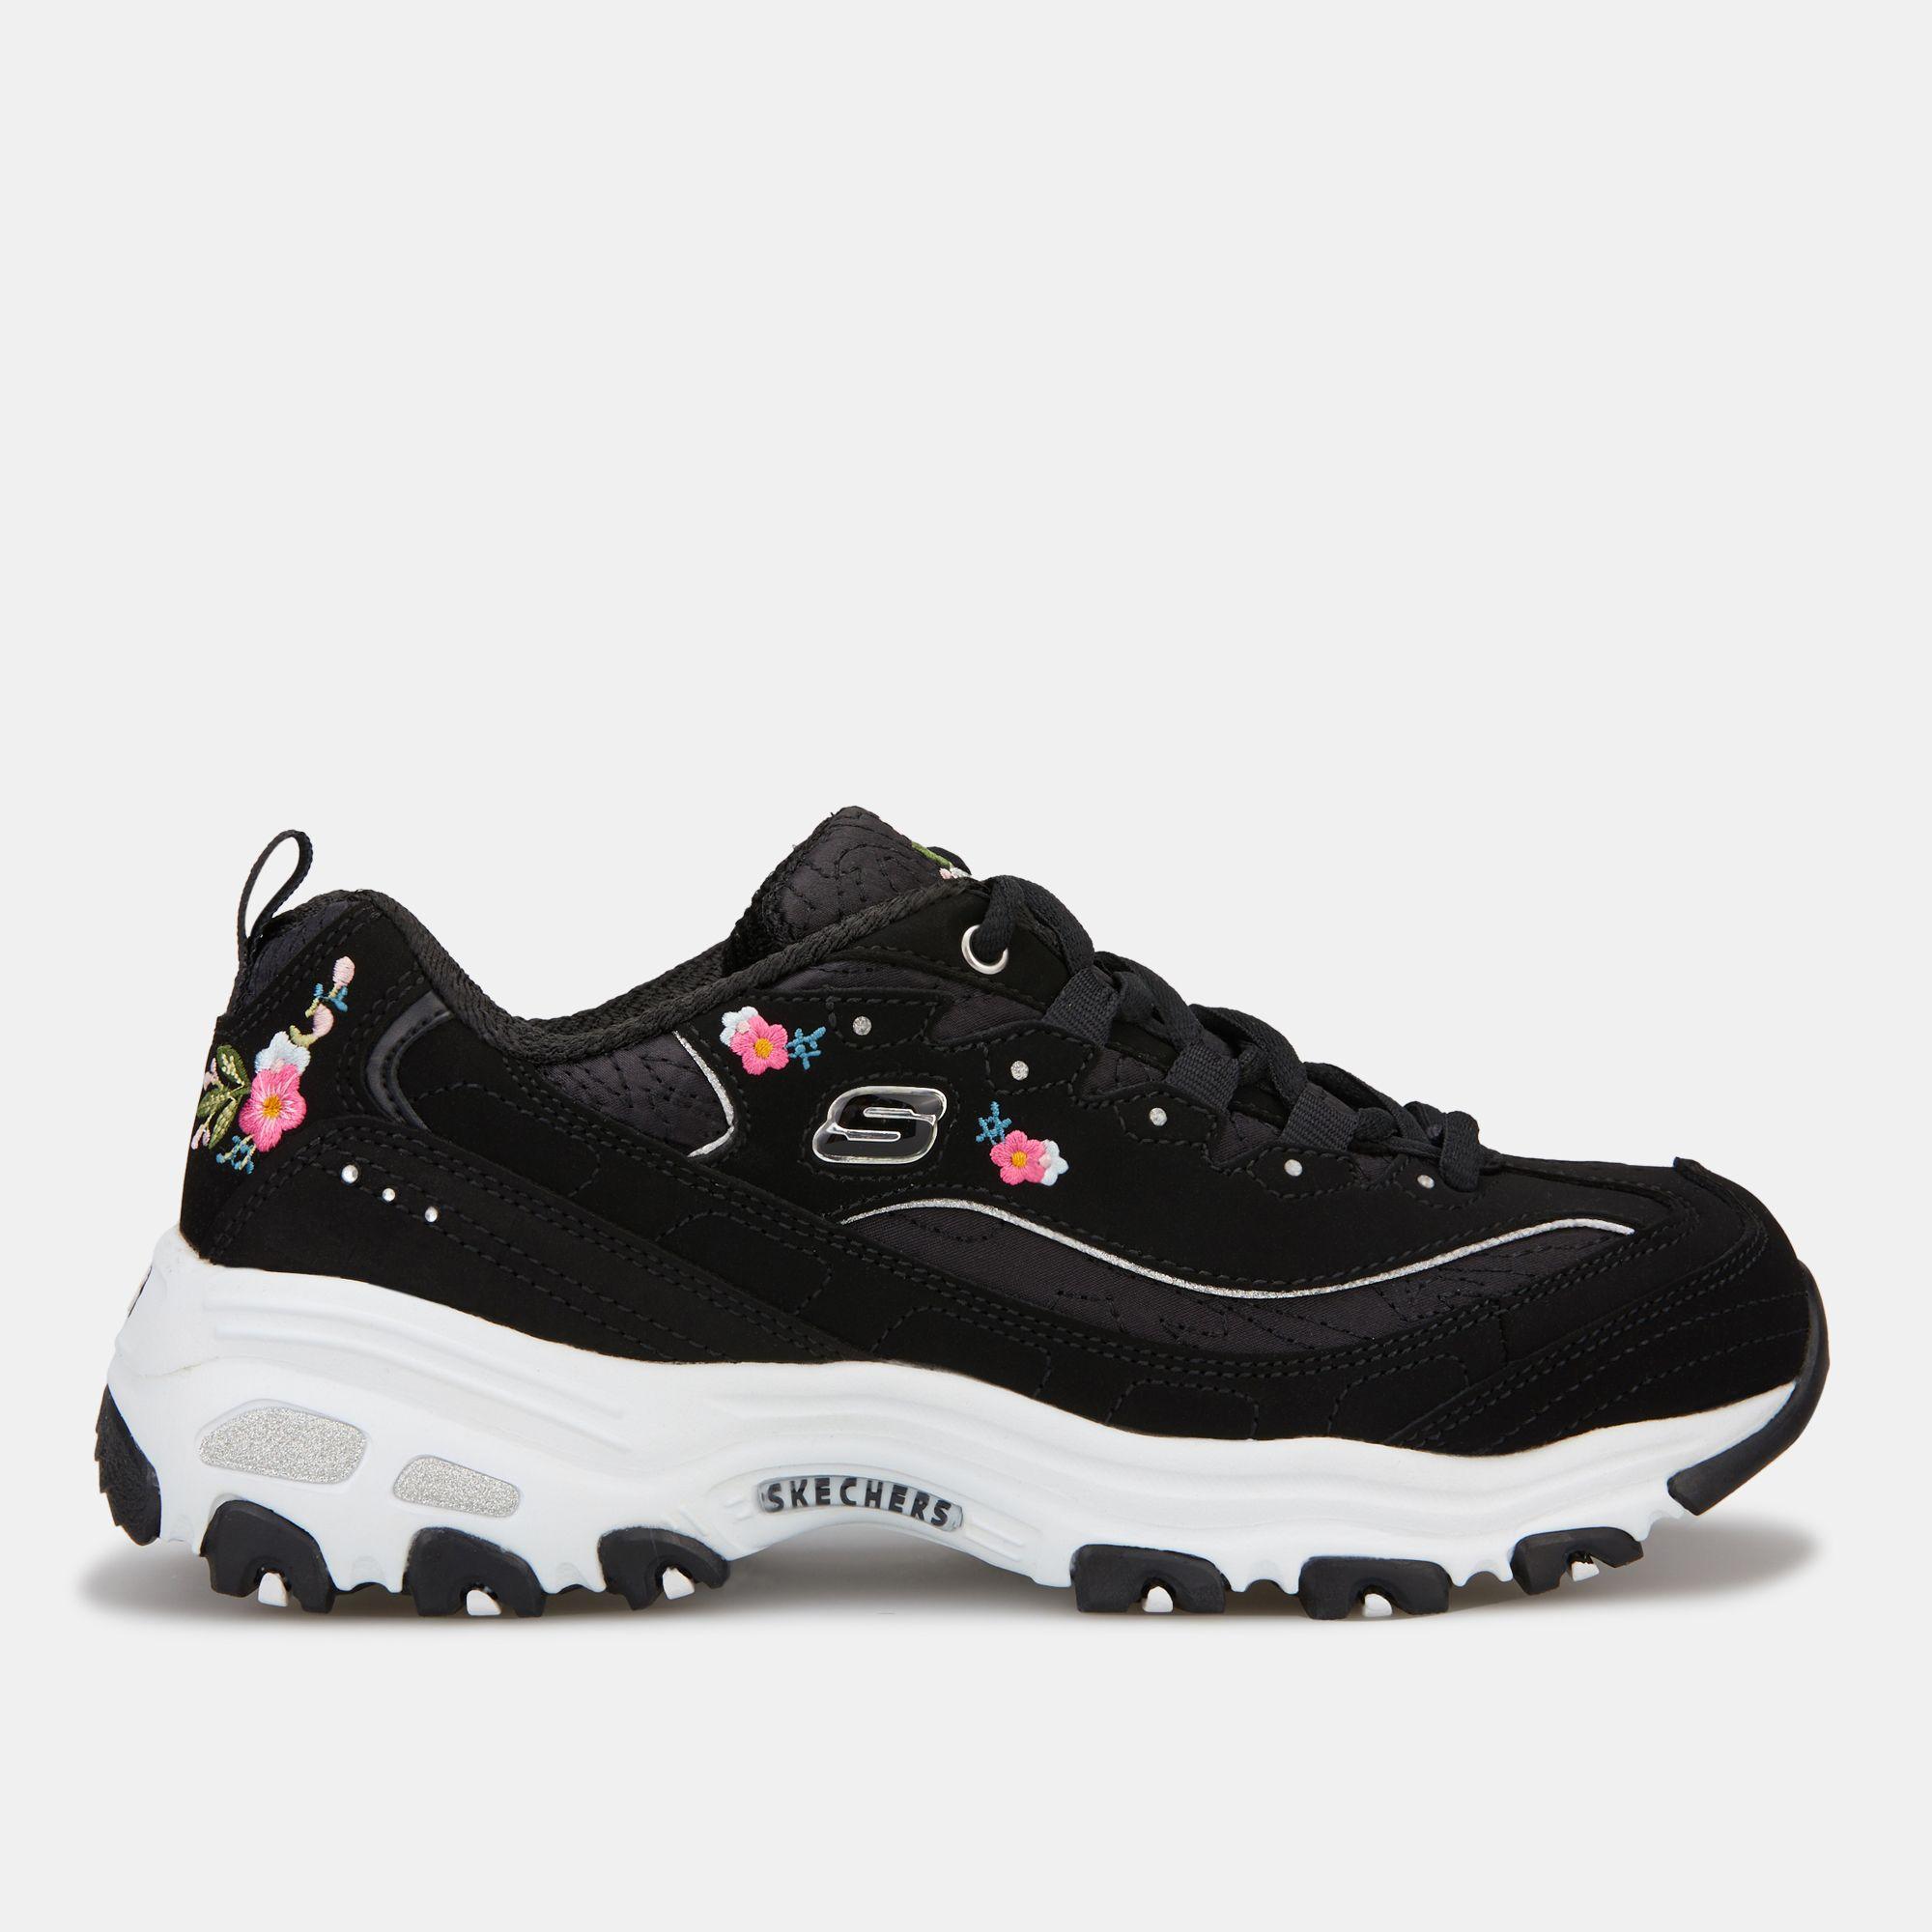 156db7de010 Skechers Women's D'Lites Bright Blossoms Shoe